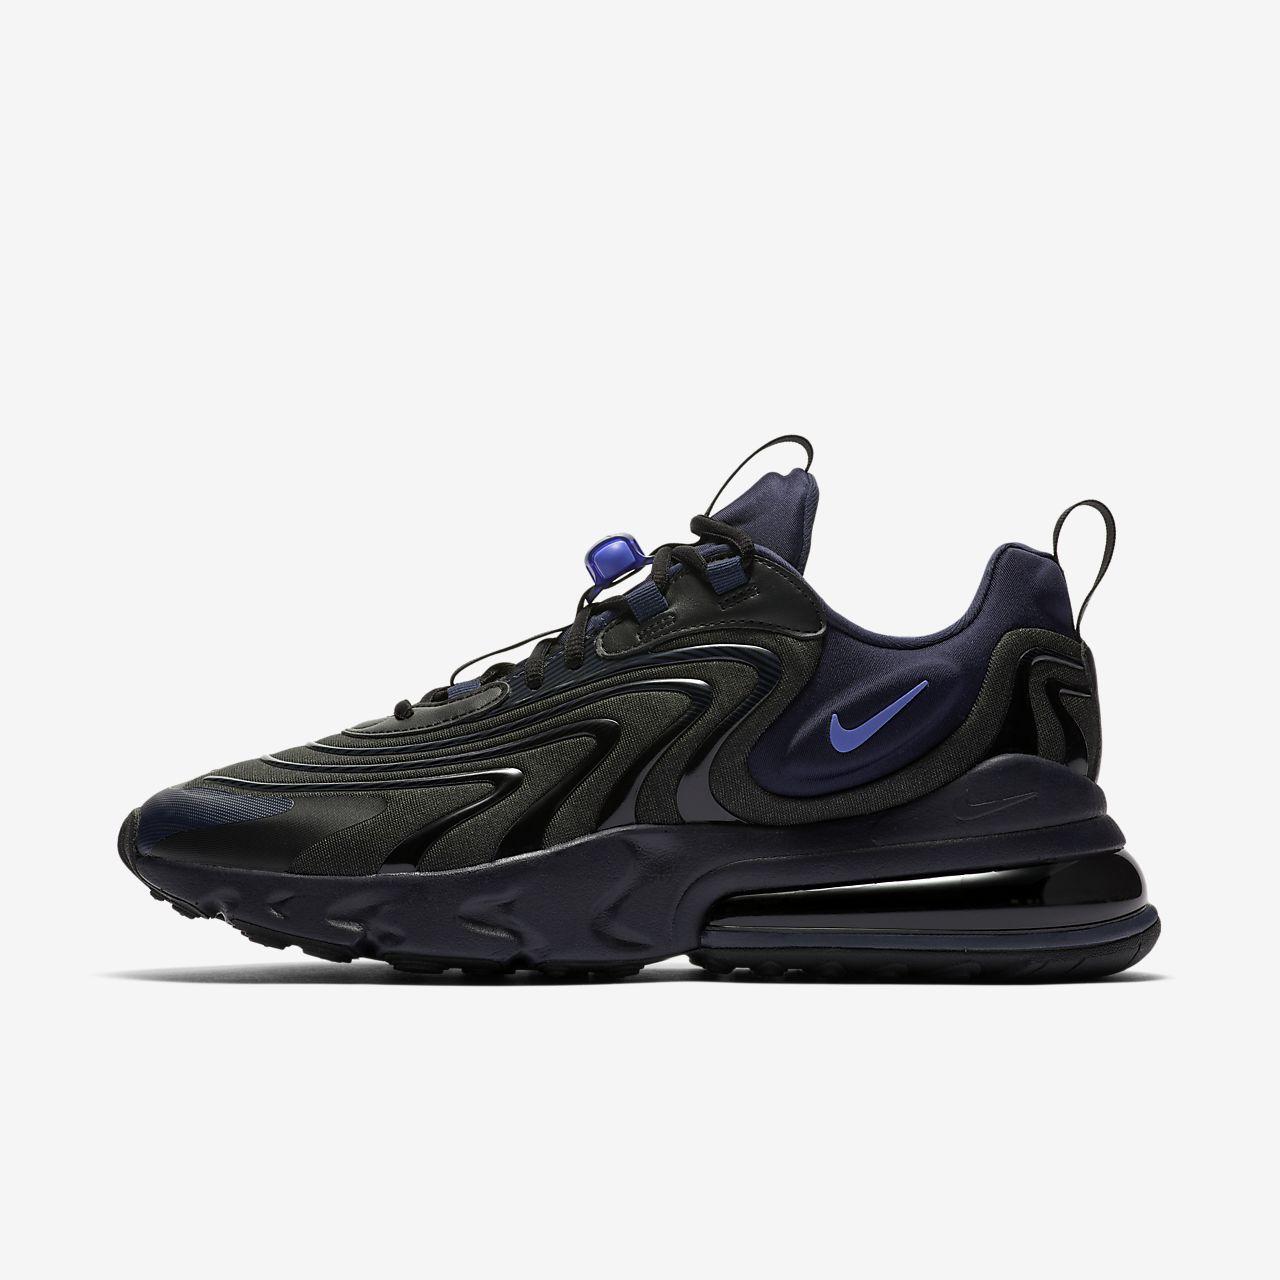 Scarpa Nike Air Max 270 React ENG Uomo